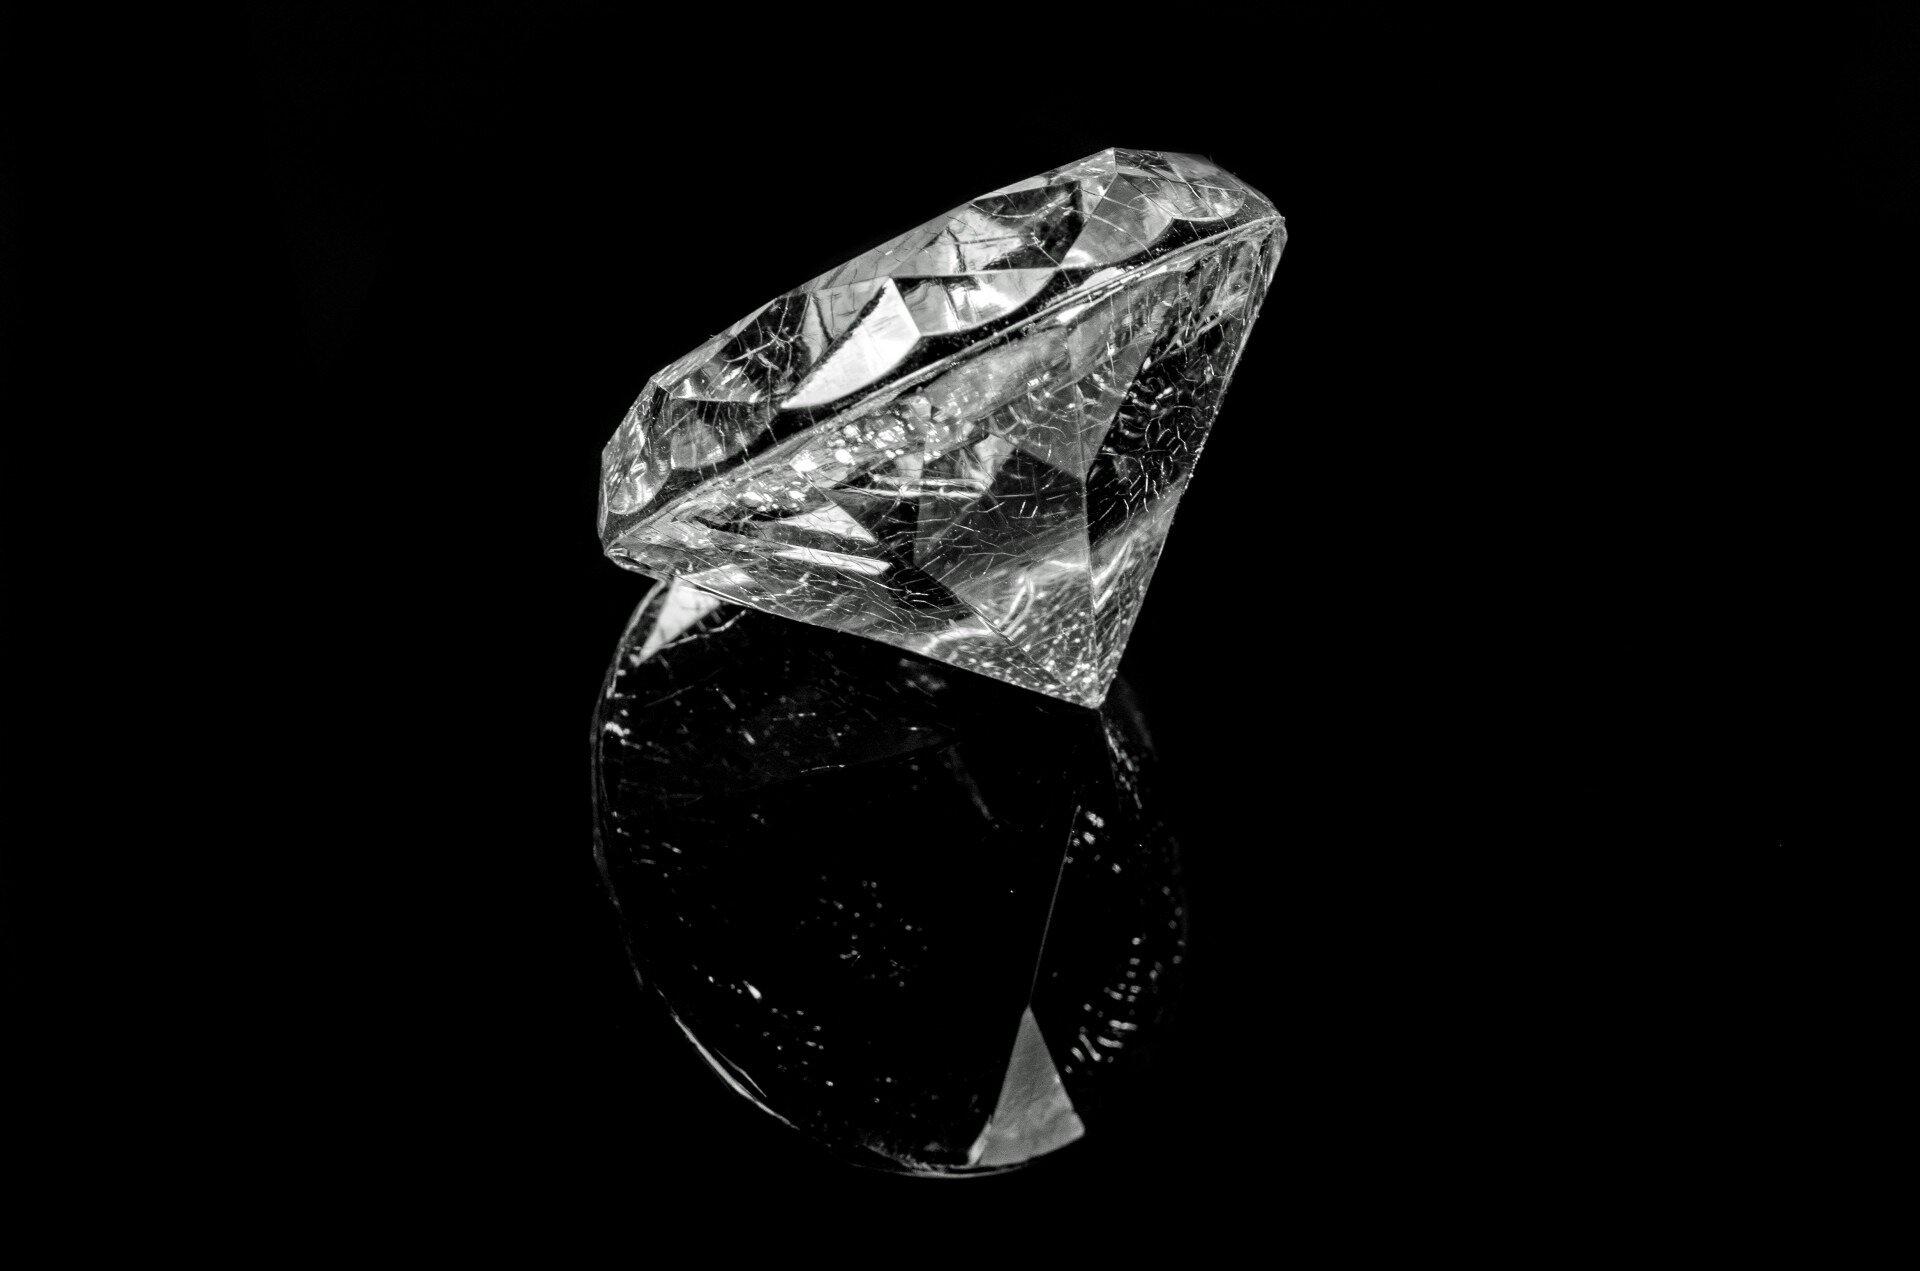 Na zdjęciu przezroczysty bezbarwny minerał. To oszlifowany diament. Kształtu stożkowego wycinka kuli, pozbawionego jego najbardziej wierzchniej części. Czarne tło.